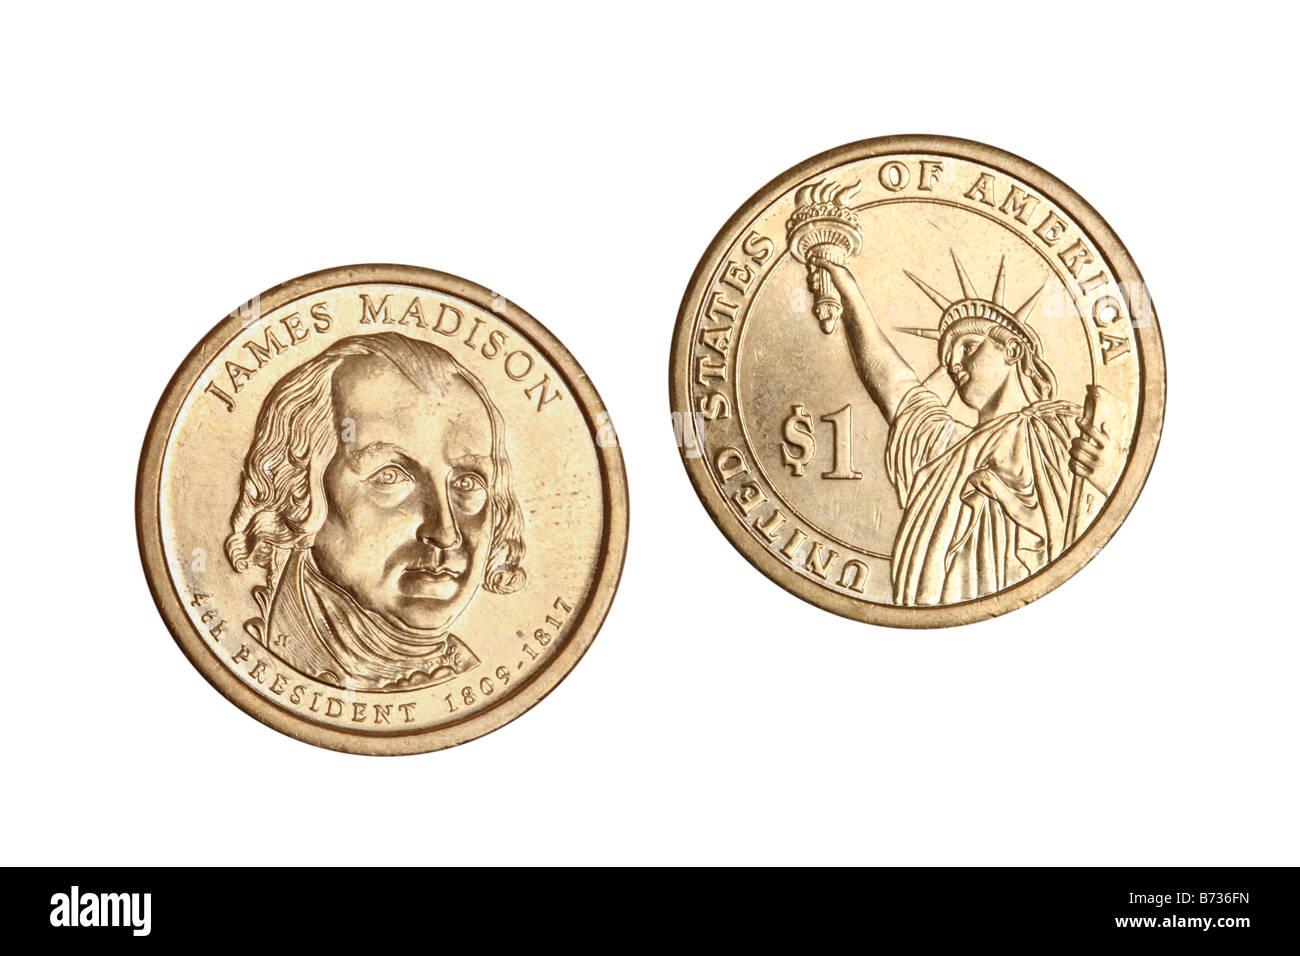 Ein US-Dollar-Münzen ausgeschnitten auf weißem Hintergrund Stockbild